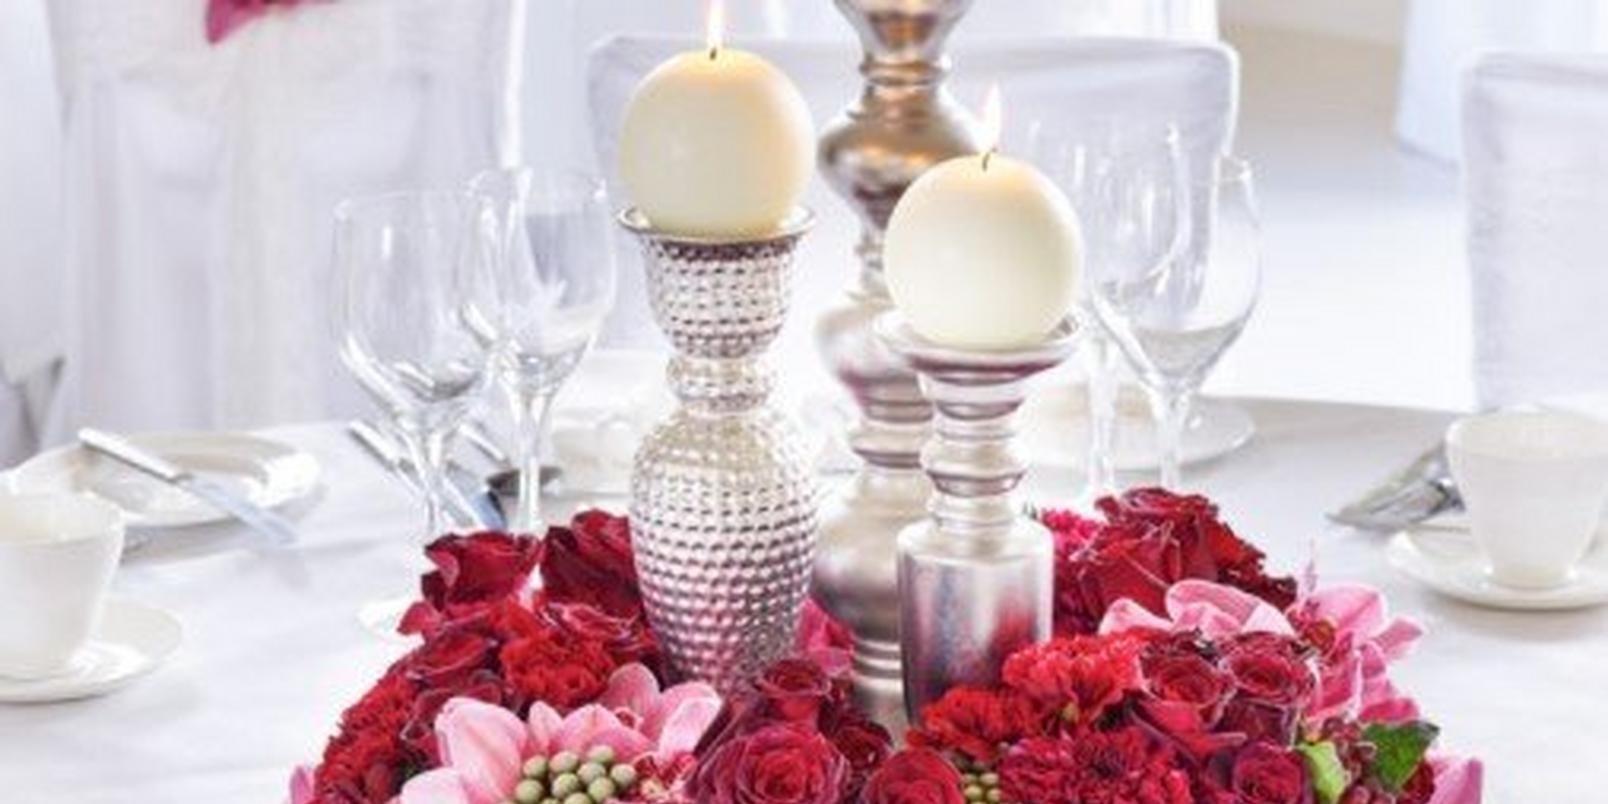 winter-wedding-table-arrangement